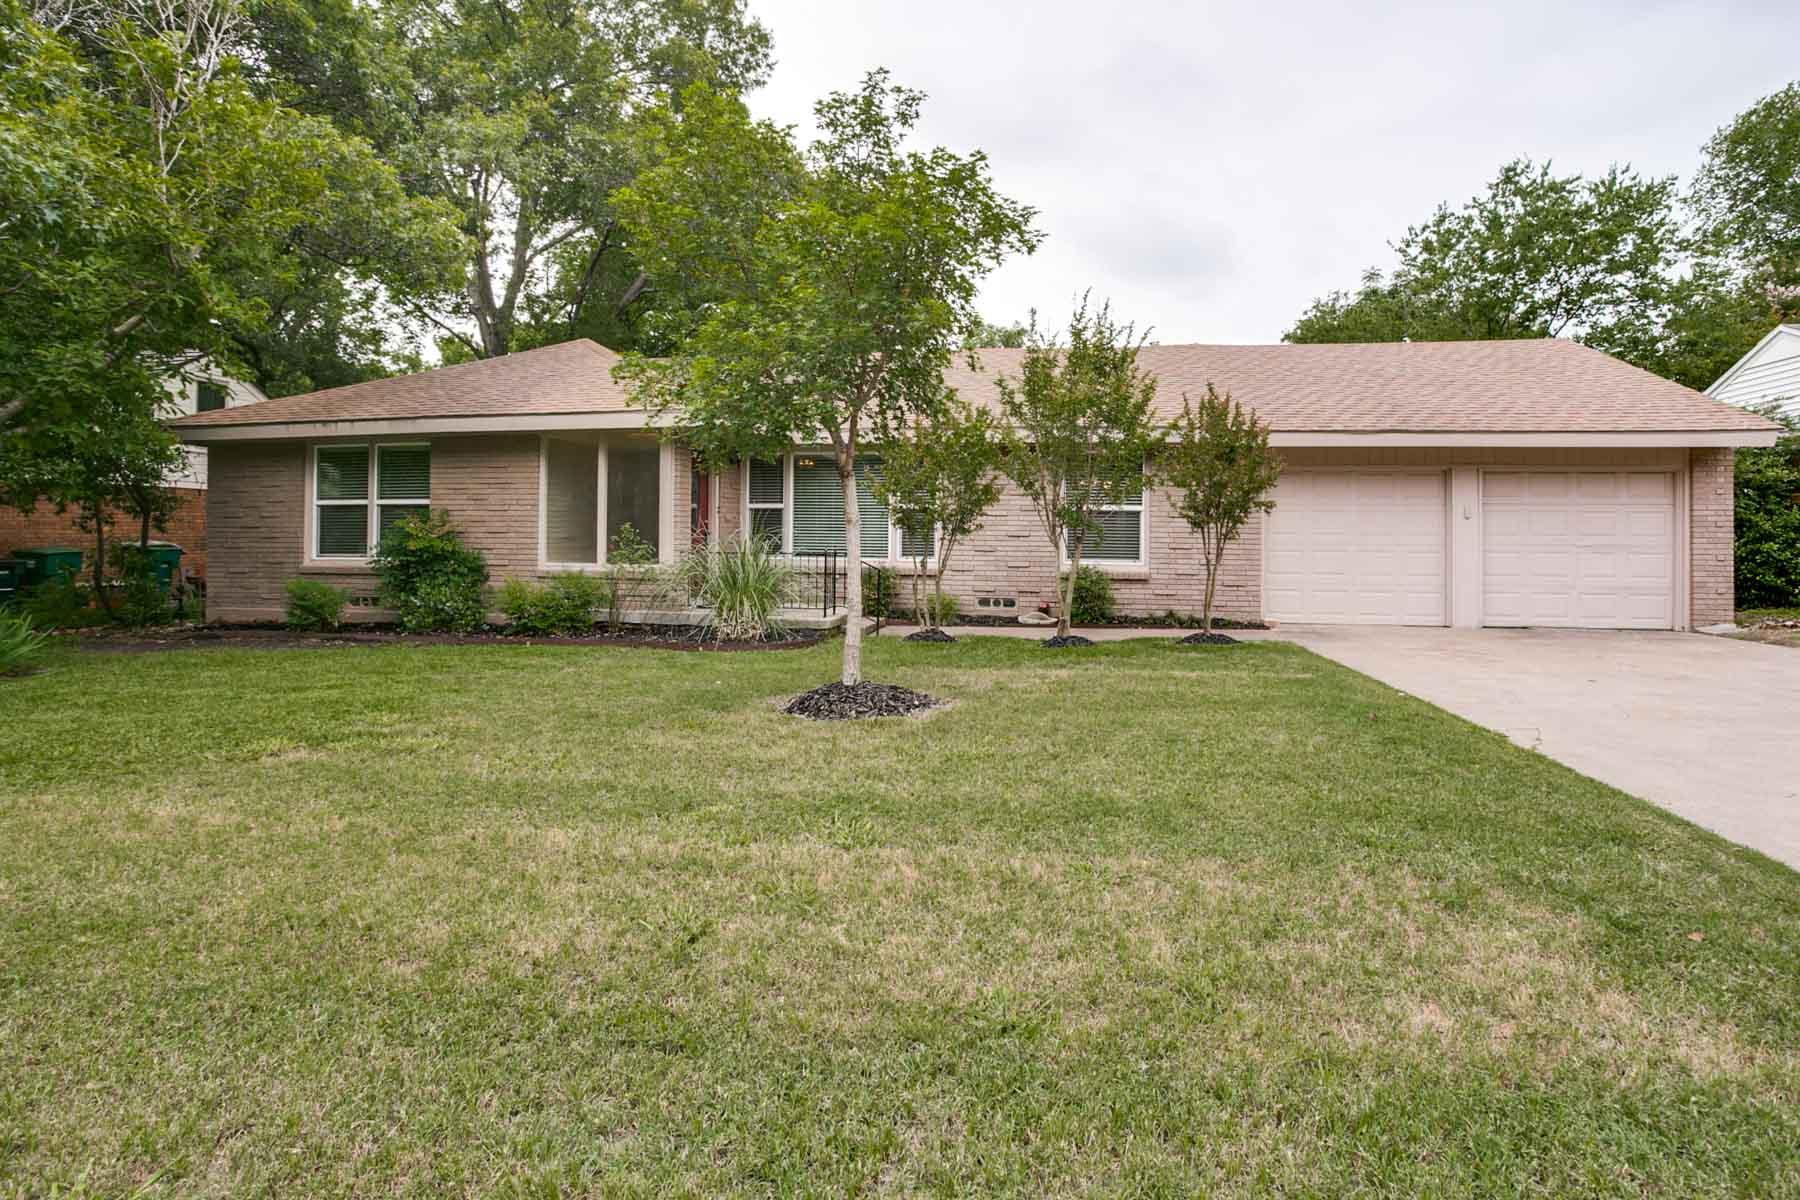 独户住宅 为 销售 在 Westcliff Gem 4616 Norwich Drive 沃斯堡市, 得克萨斯州, 76109 美国